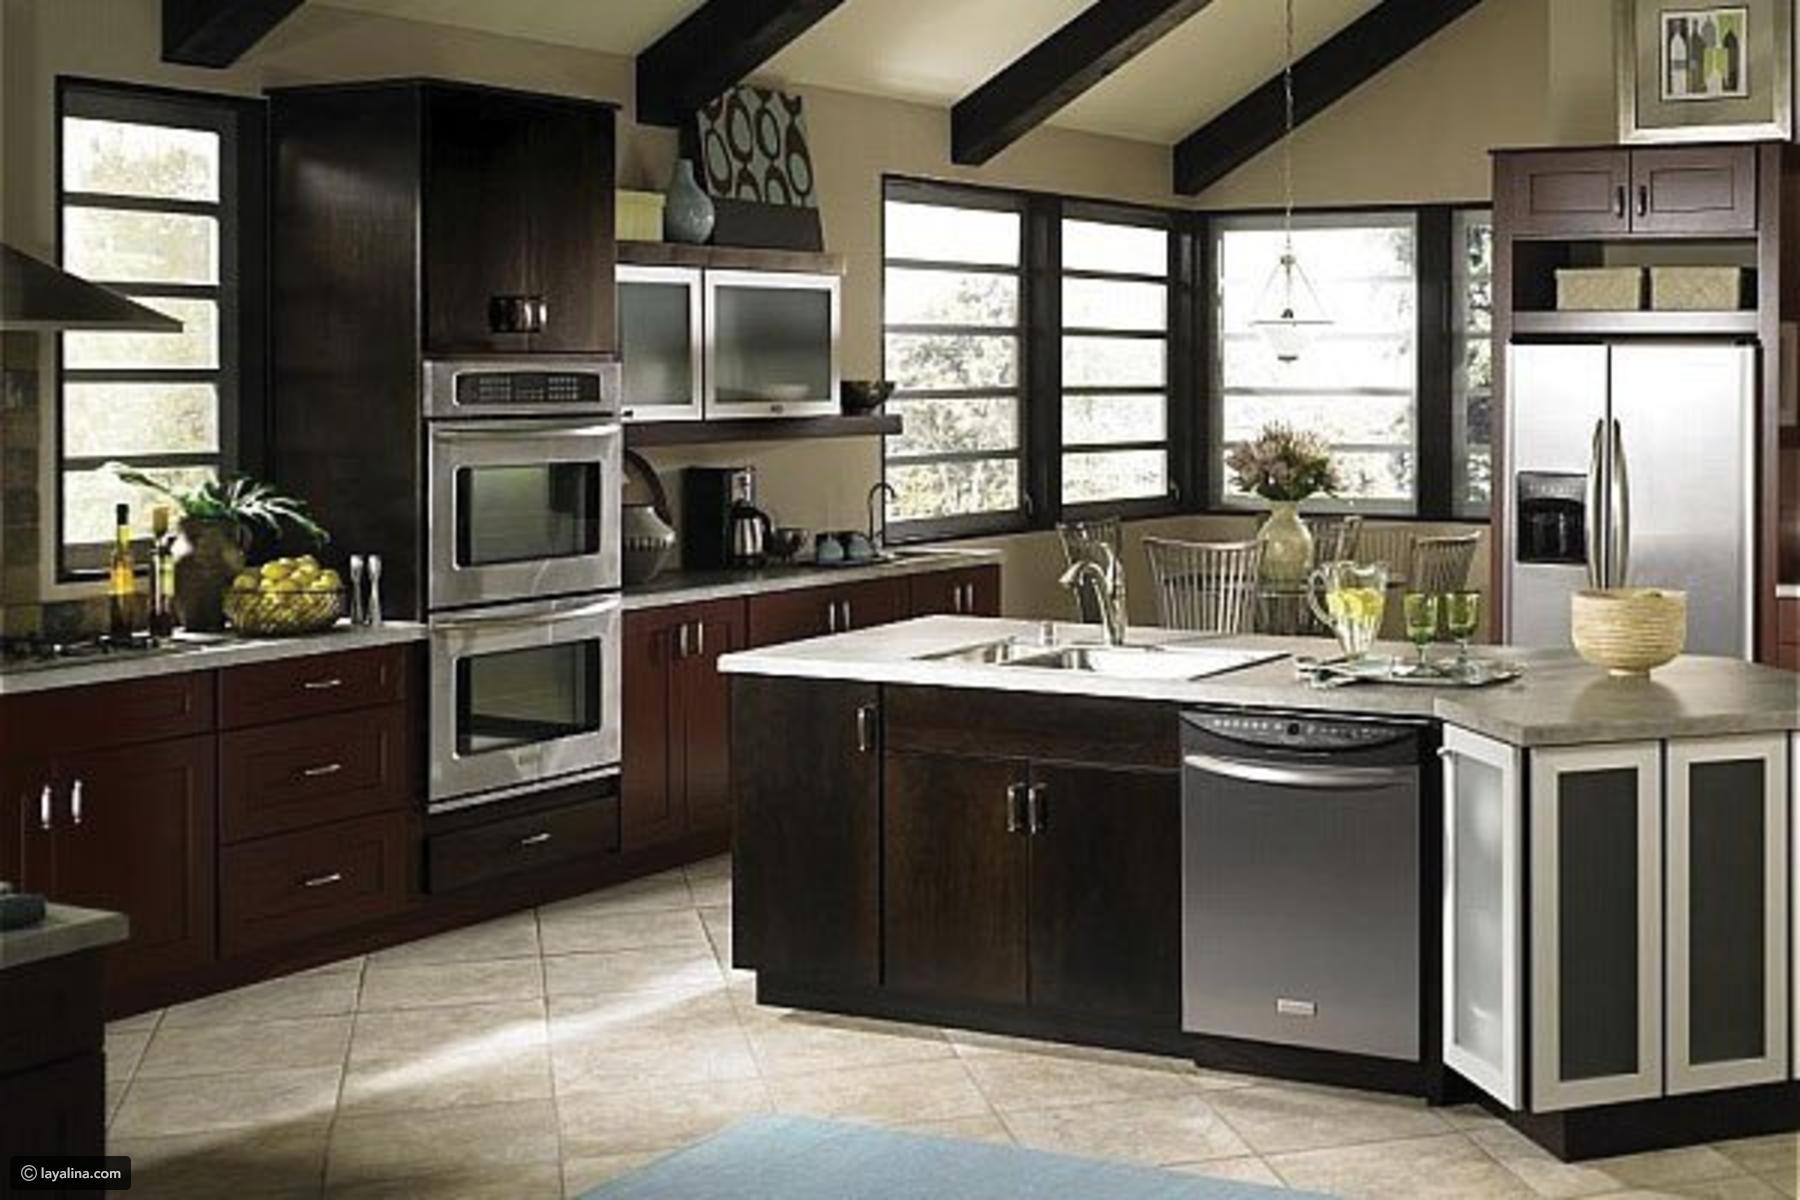 بالصور ديكور مطبخ , صممي مطبخك على ذوقك انتي وزوجك 5276